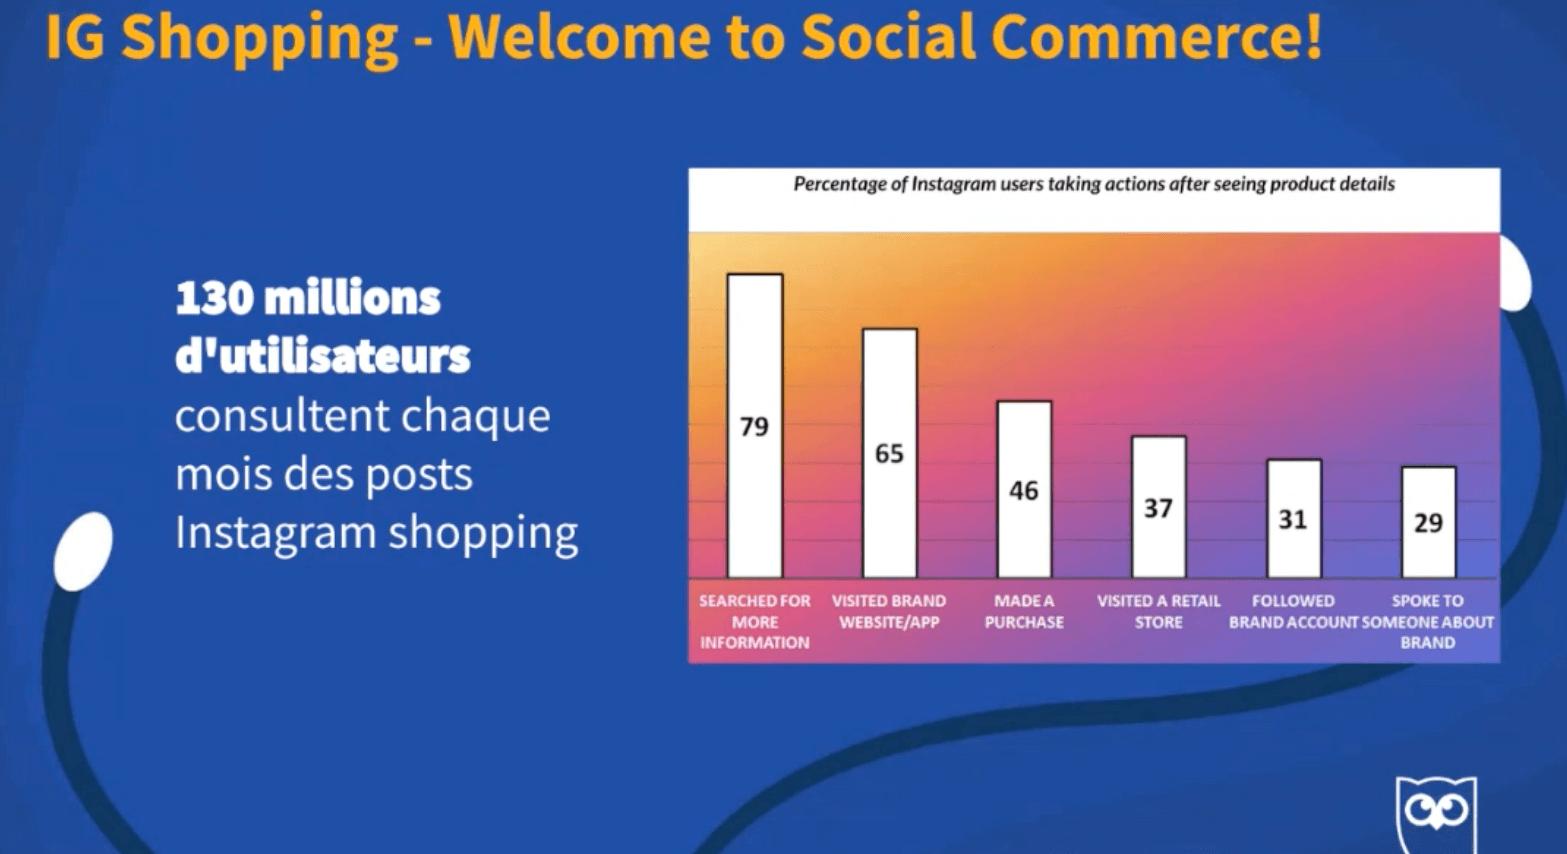 chiffre Etude-Instagram-Instagram-Shopping-Le-digital-pour-tous-etude-Social-trend-Hootsuite.